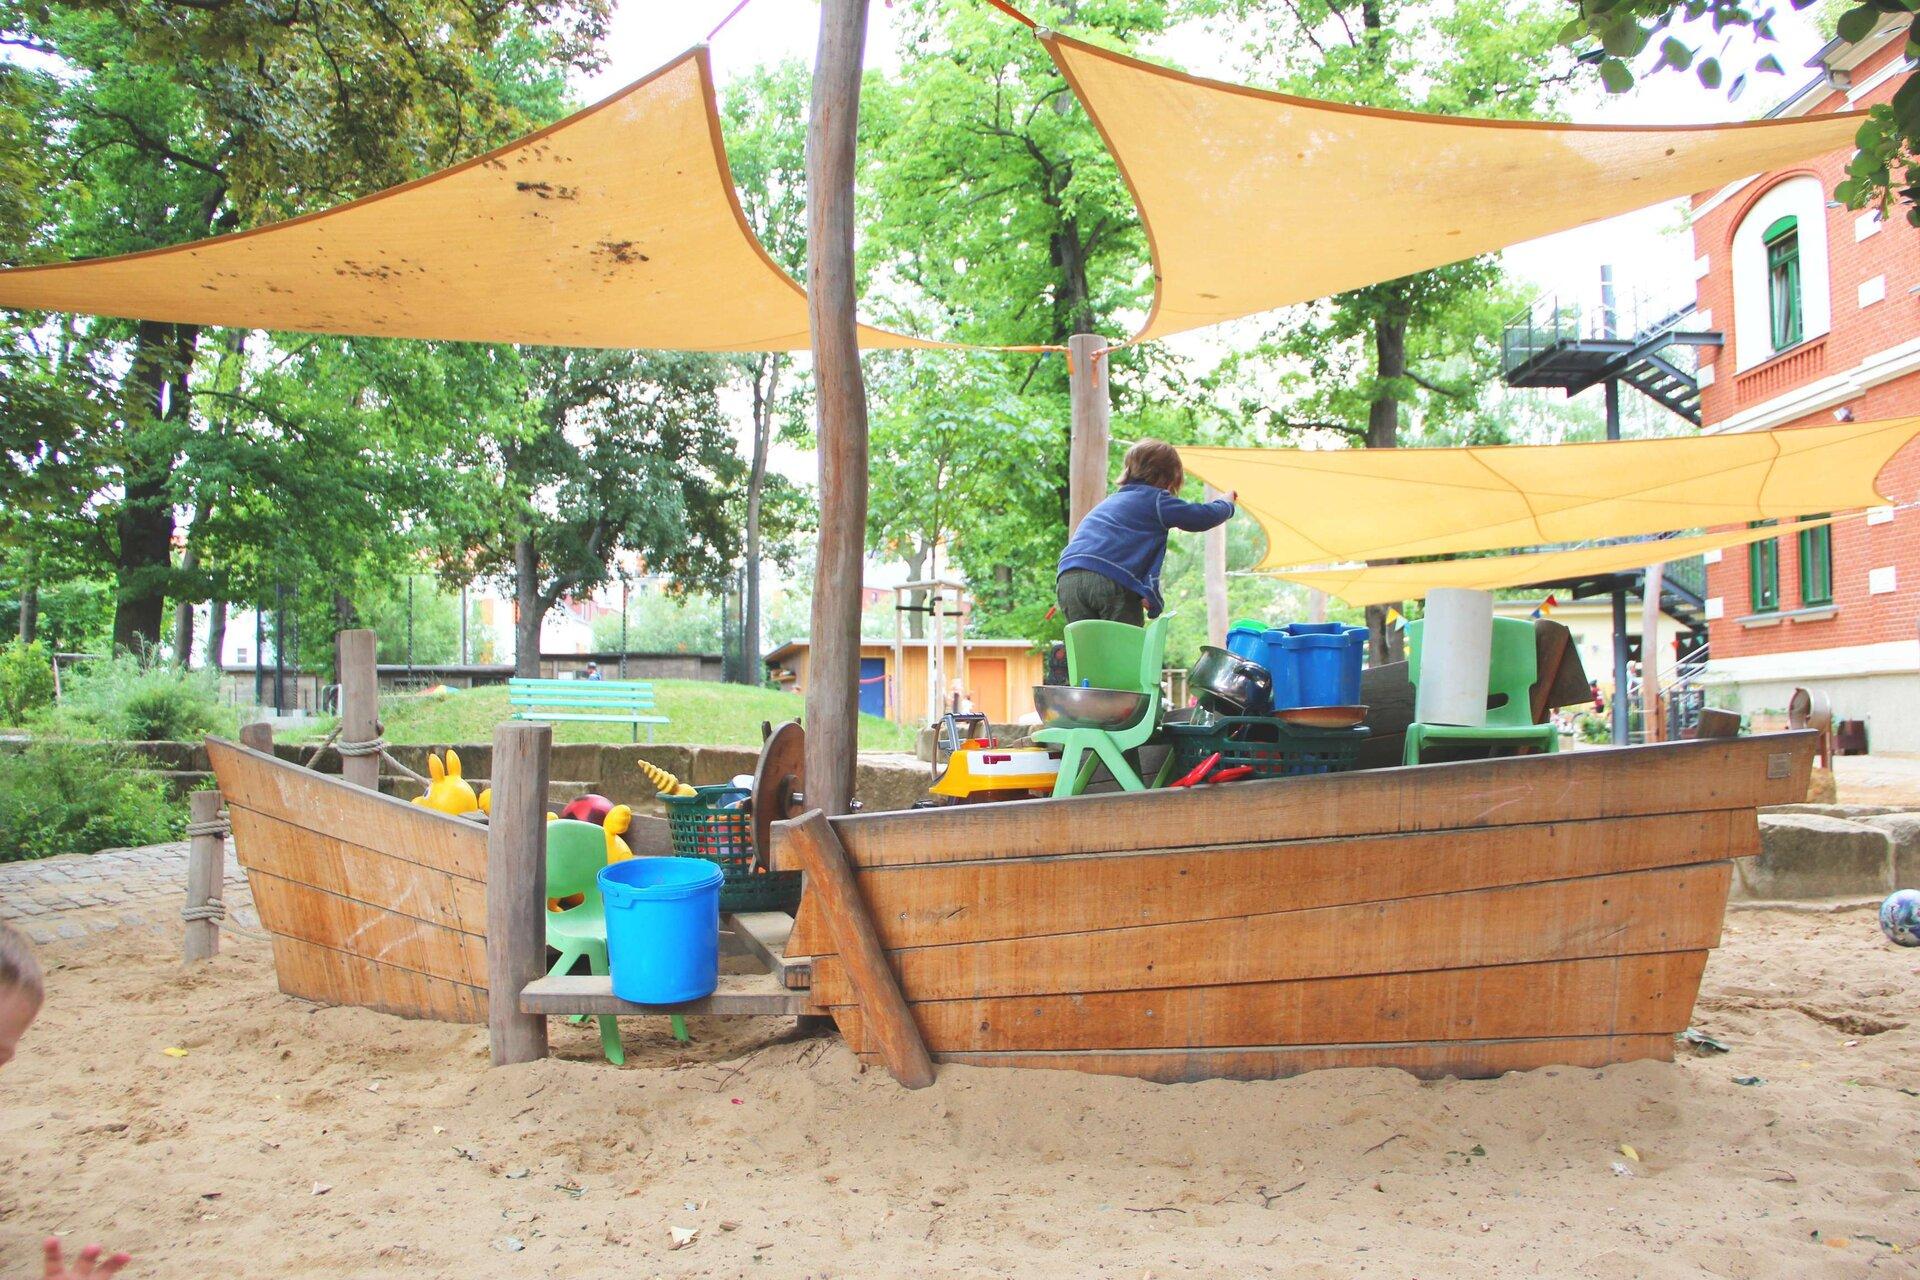 Spiel-_und_manchmal_auch_Piratenschiff